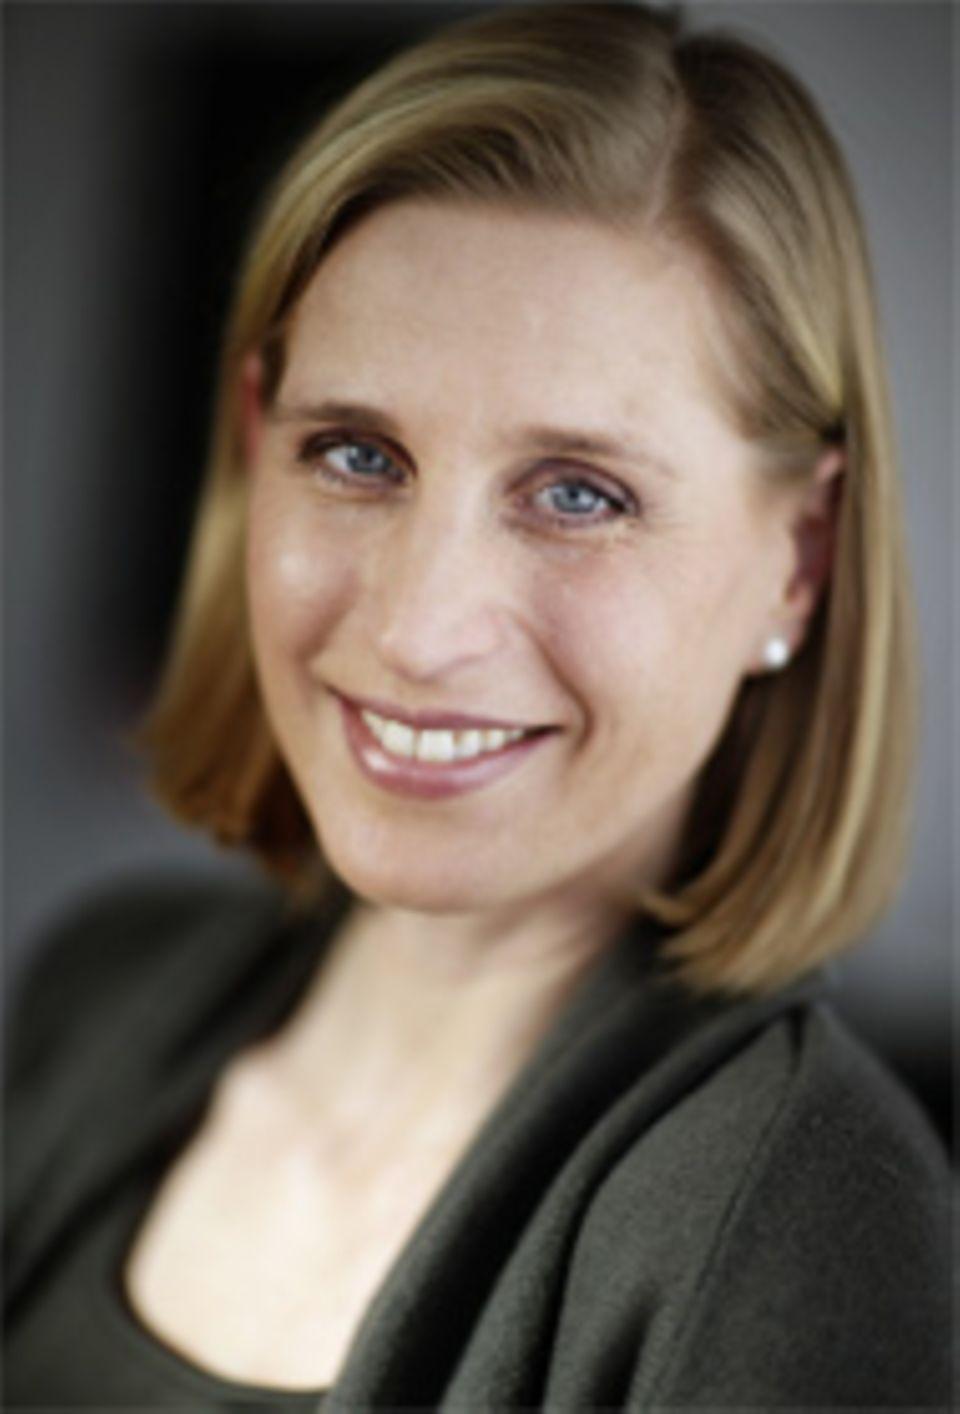 Maya Dähne, geb. 1970, ist Hörfunk- und Fernsehjournalistin. Sie lebt mit Mann und zwei Kindern in Berlin.